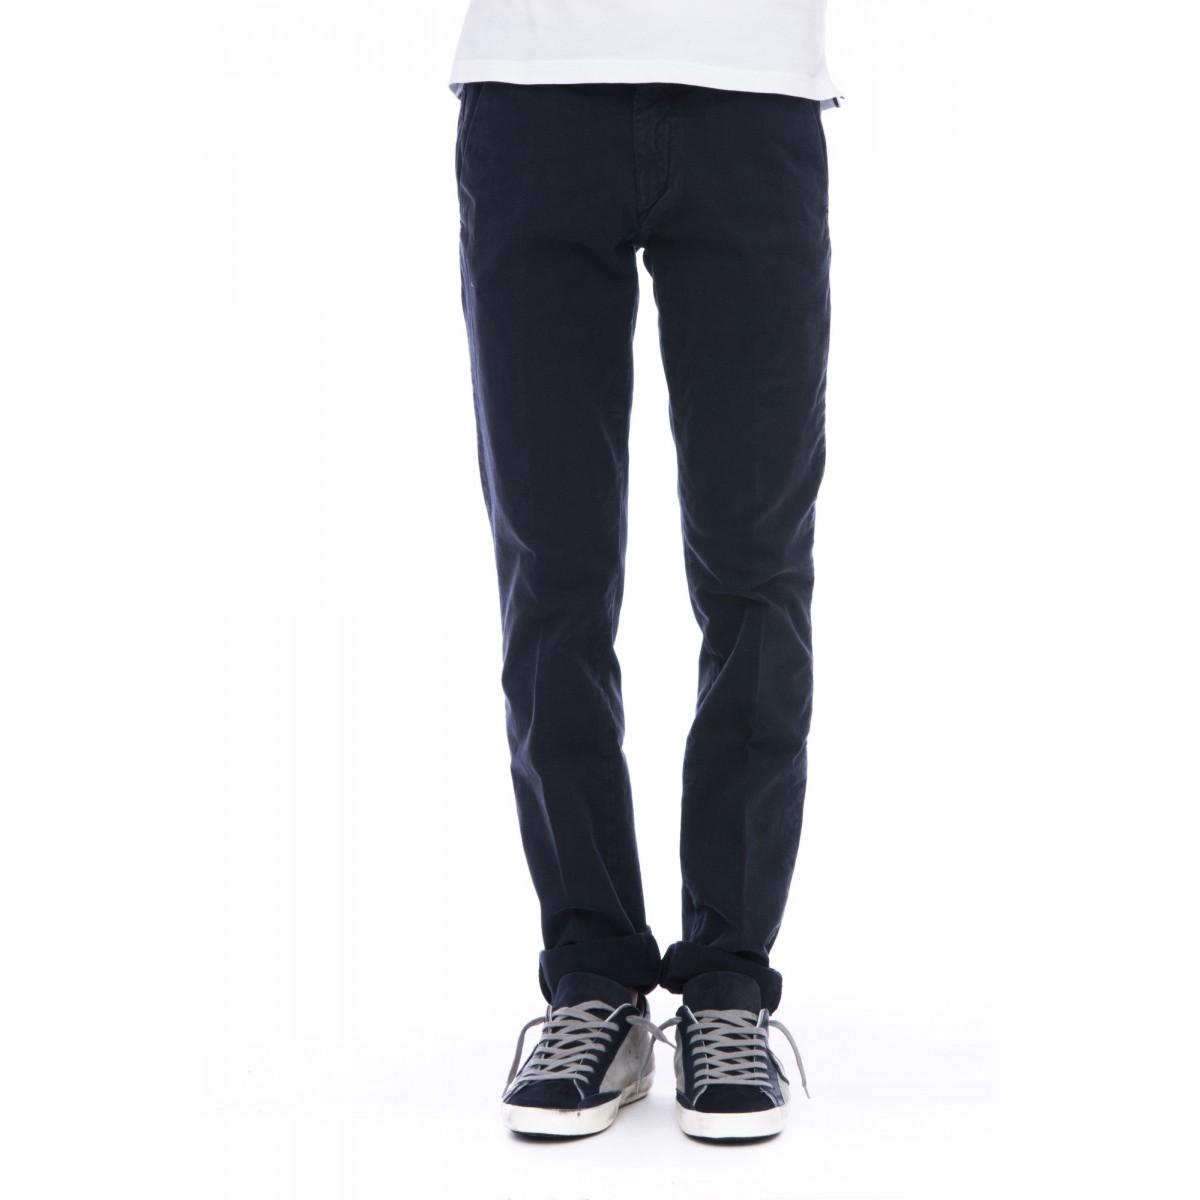 Pantalone uomo 40 weft - Lenny 8654 slim